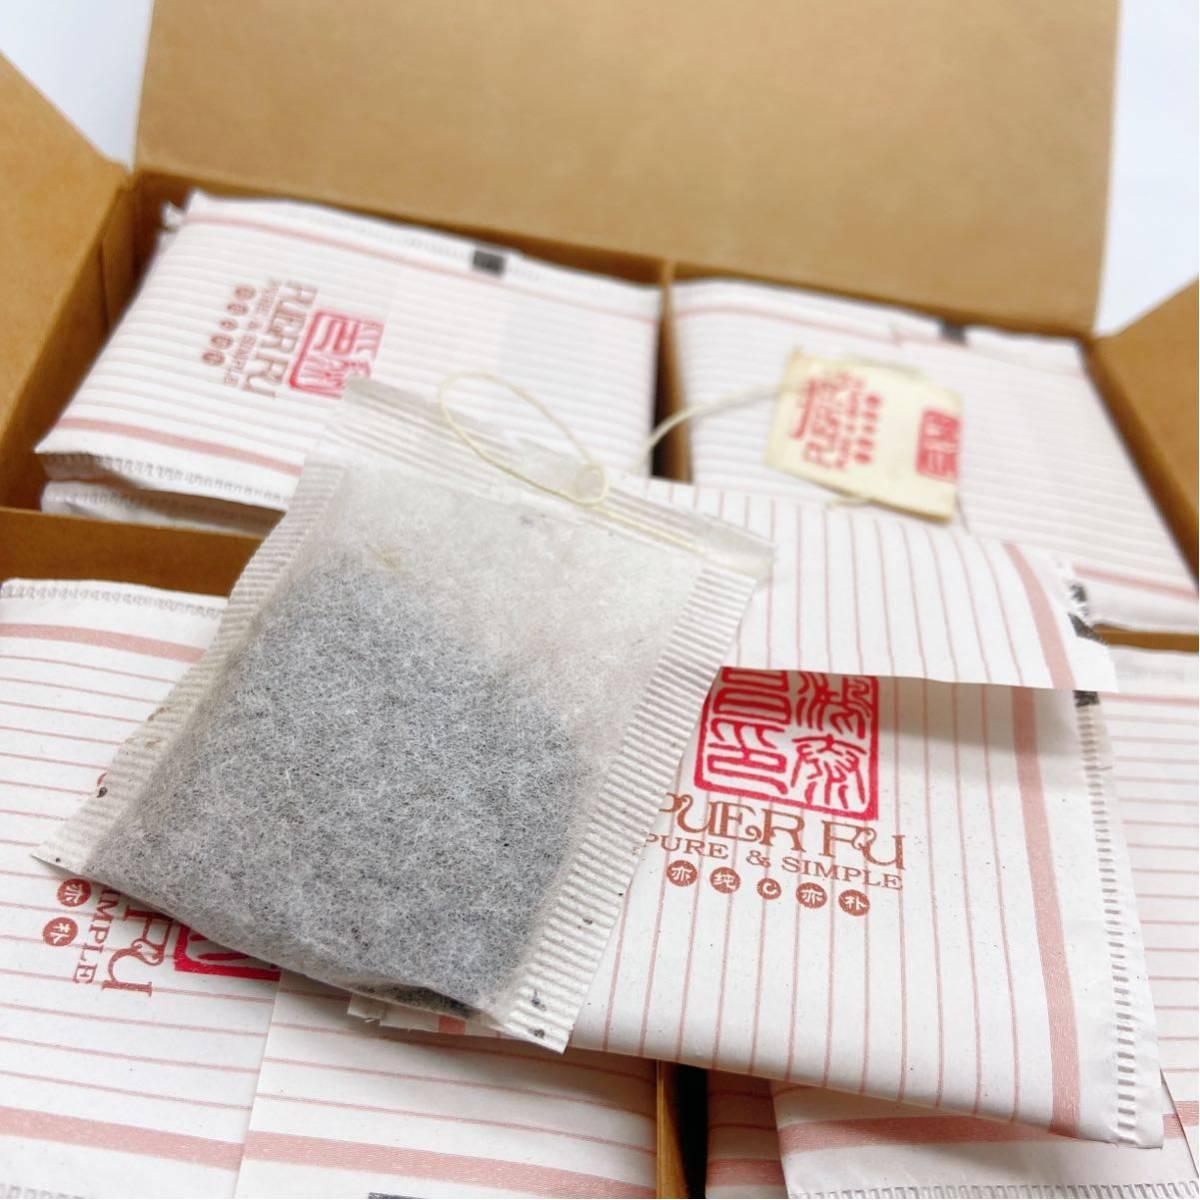 哈尼古茶 雲南省 プーアル茶 有機熟茶ティーバッグ 20袋入り